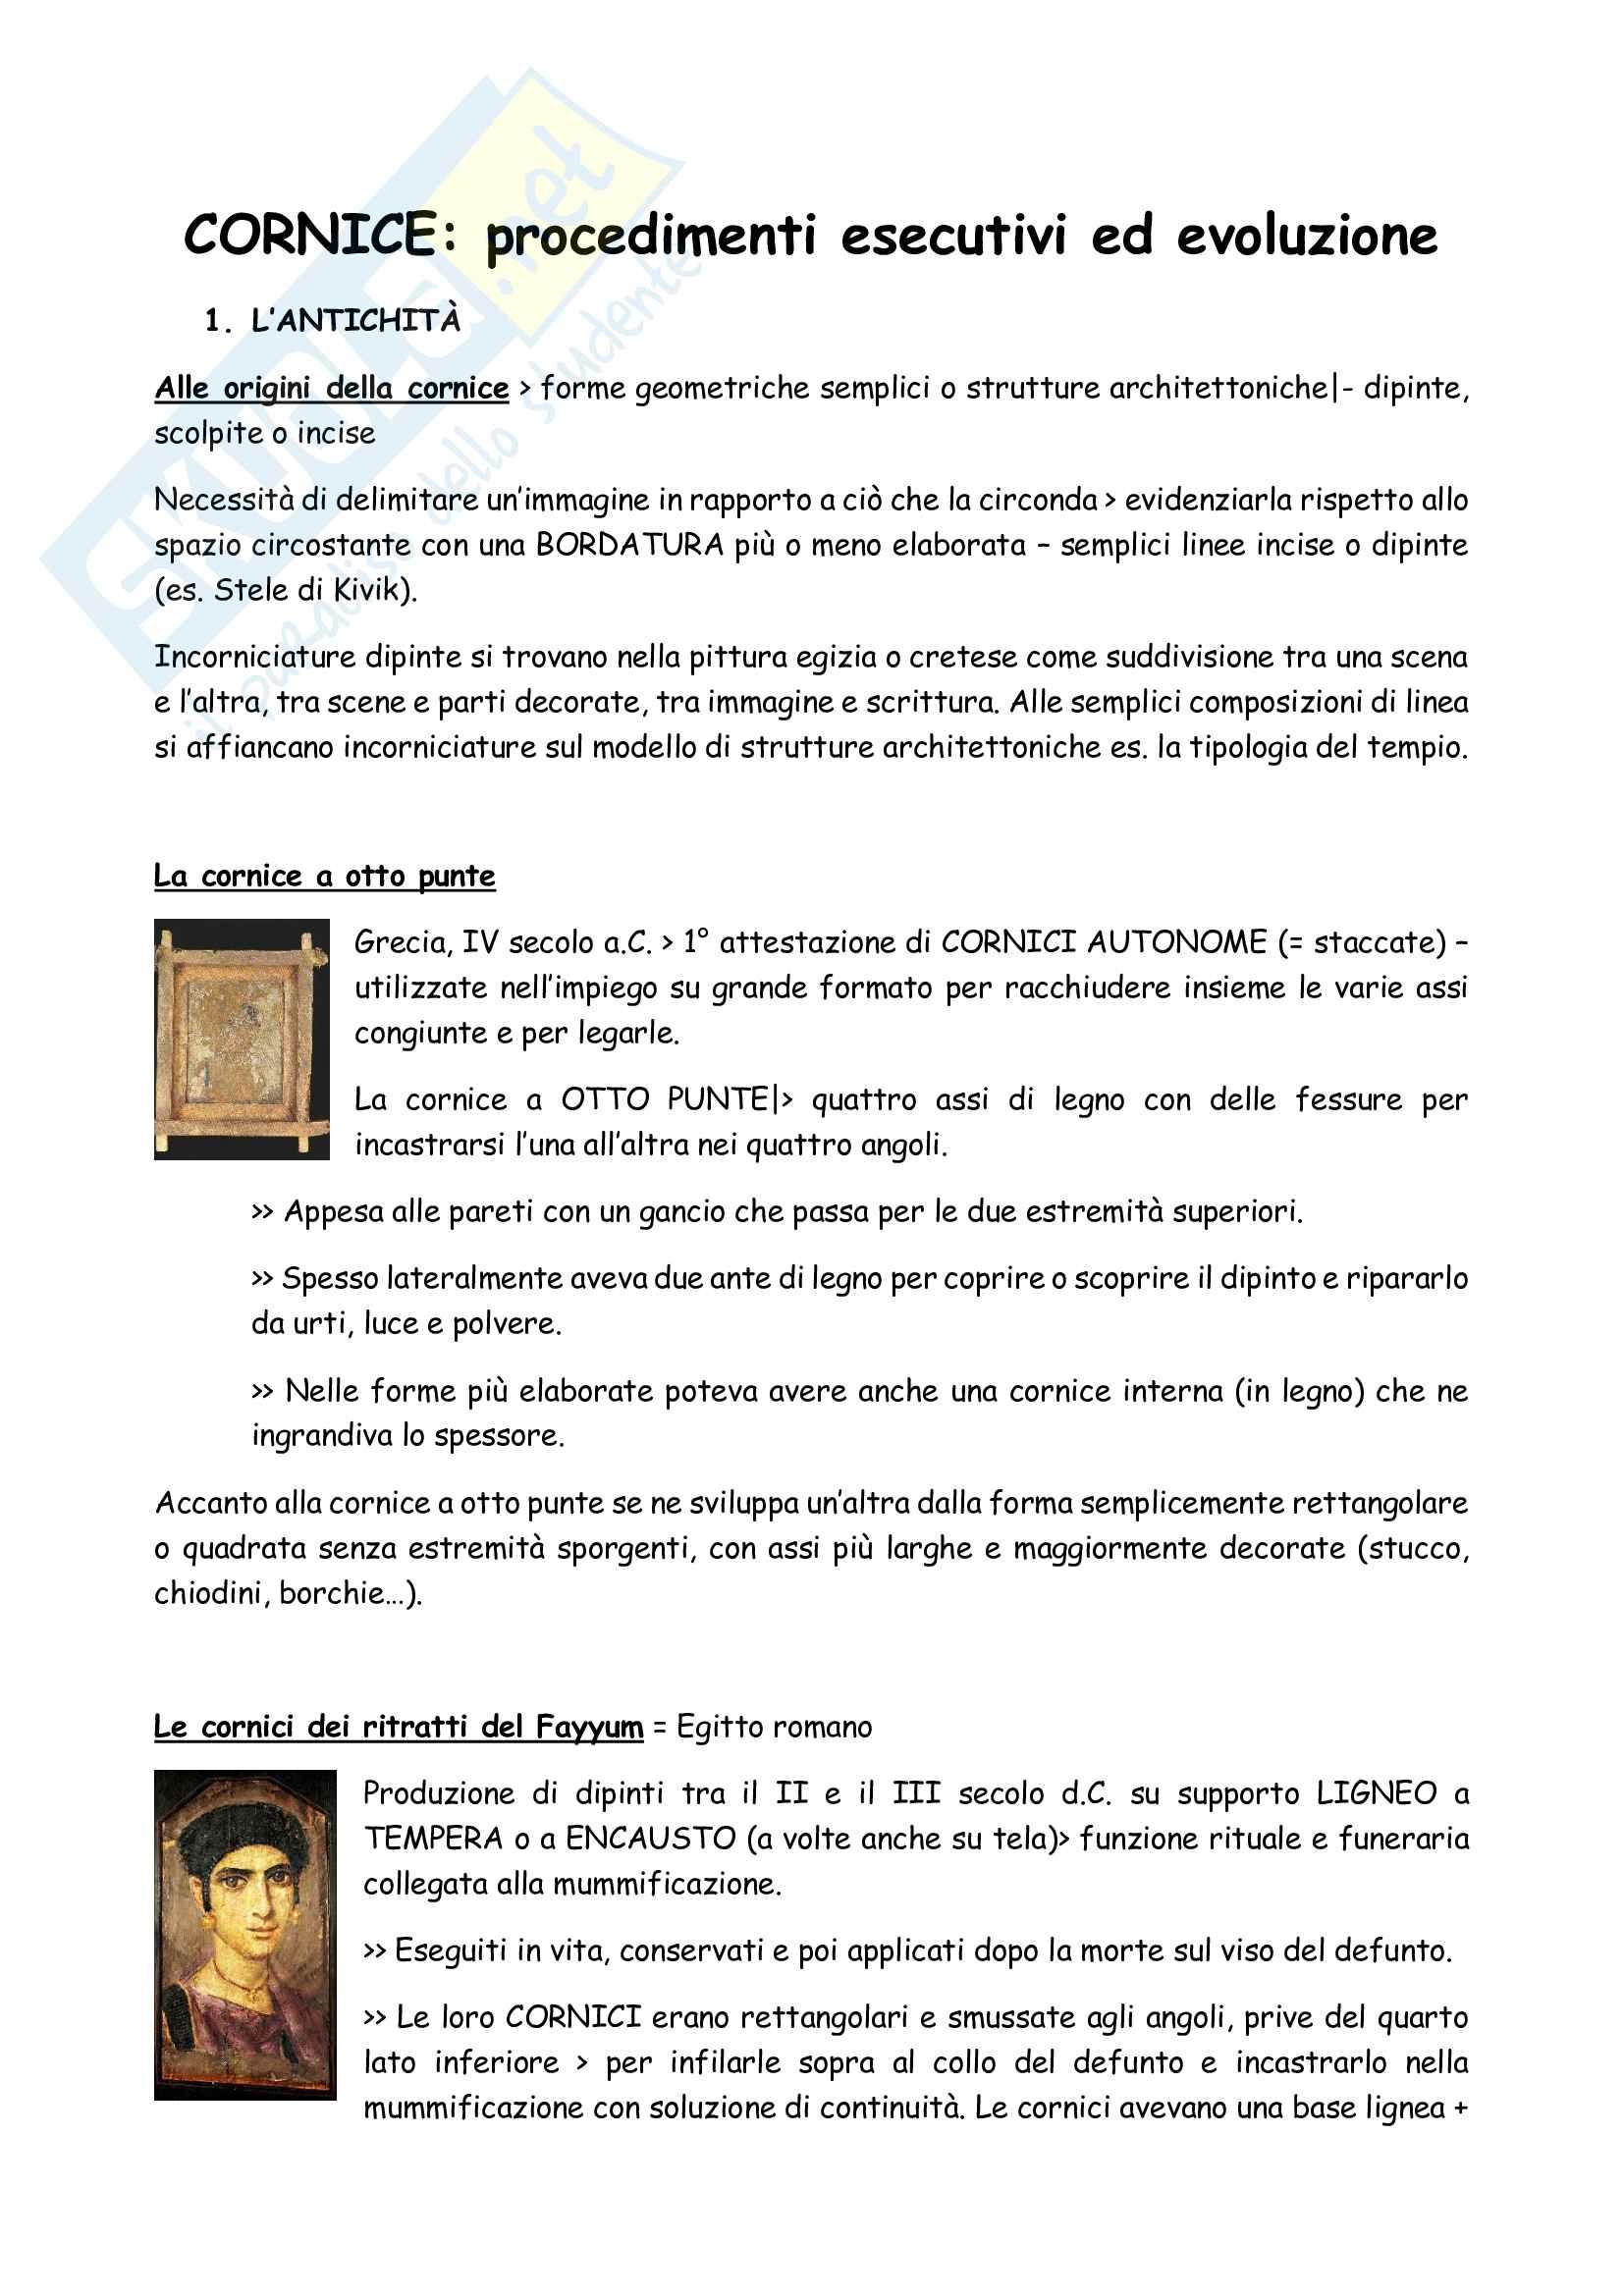 Riassunto esame Storia delle Tecniche Artistiche, prof. Laskaris, dispensa consigliata Saggio sulle cornici